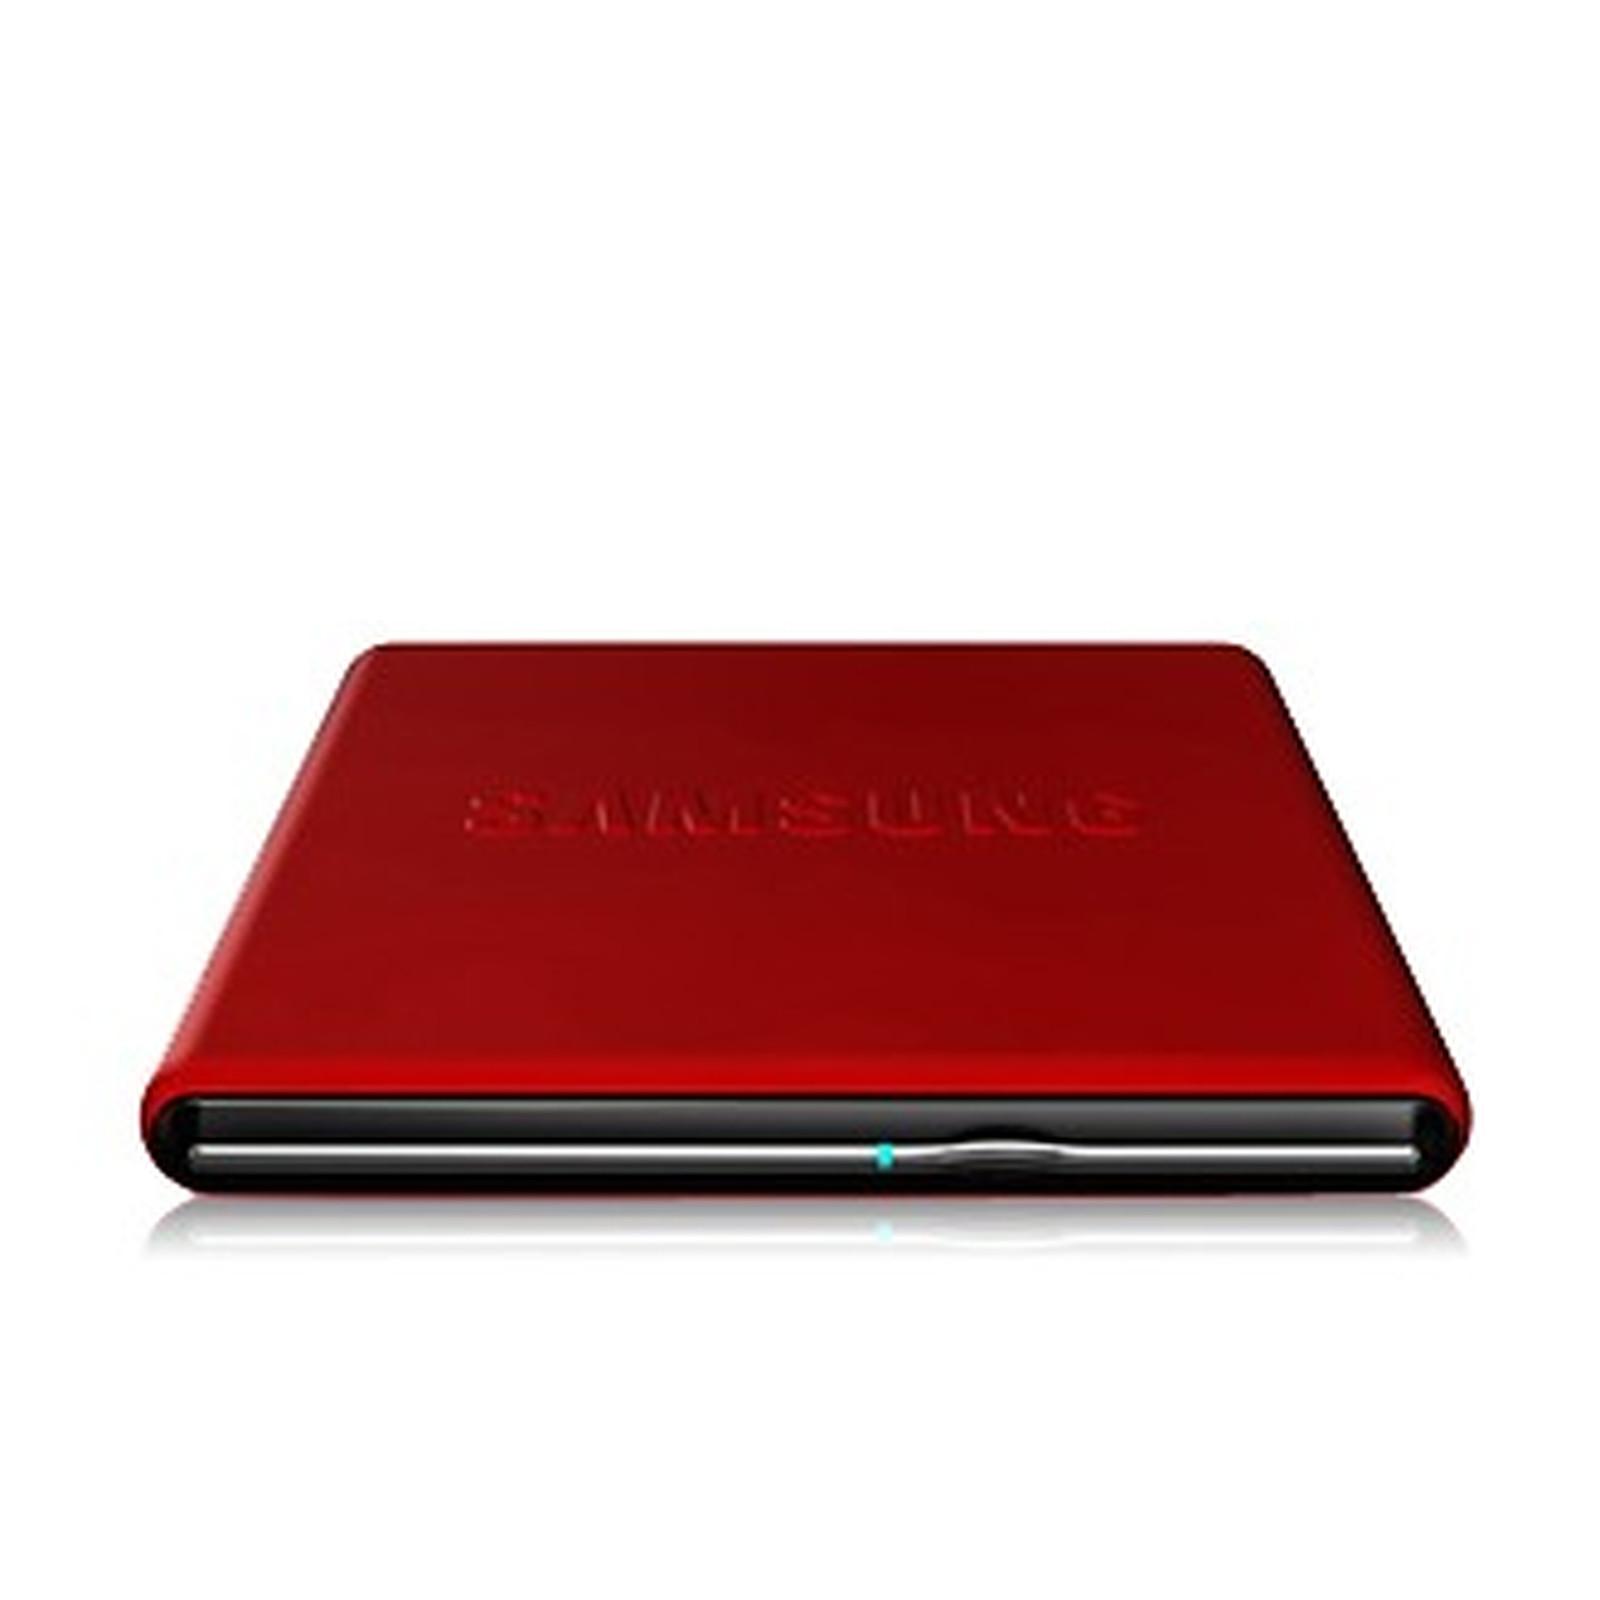 Samsung SE-S084D/TSRS - Graveur DVD externe rouge